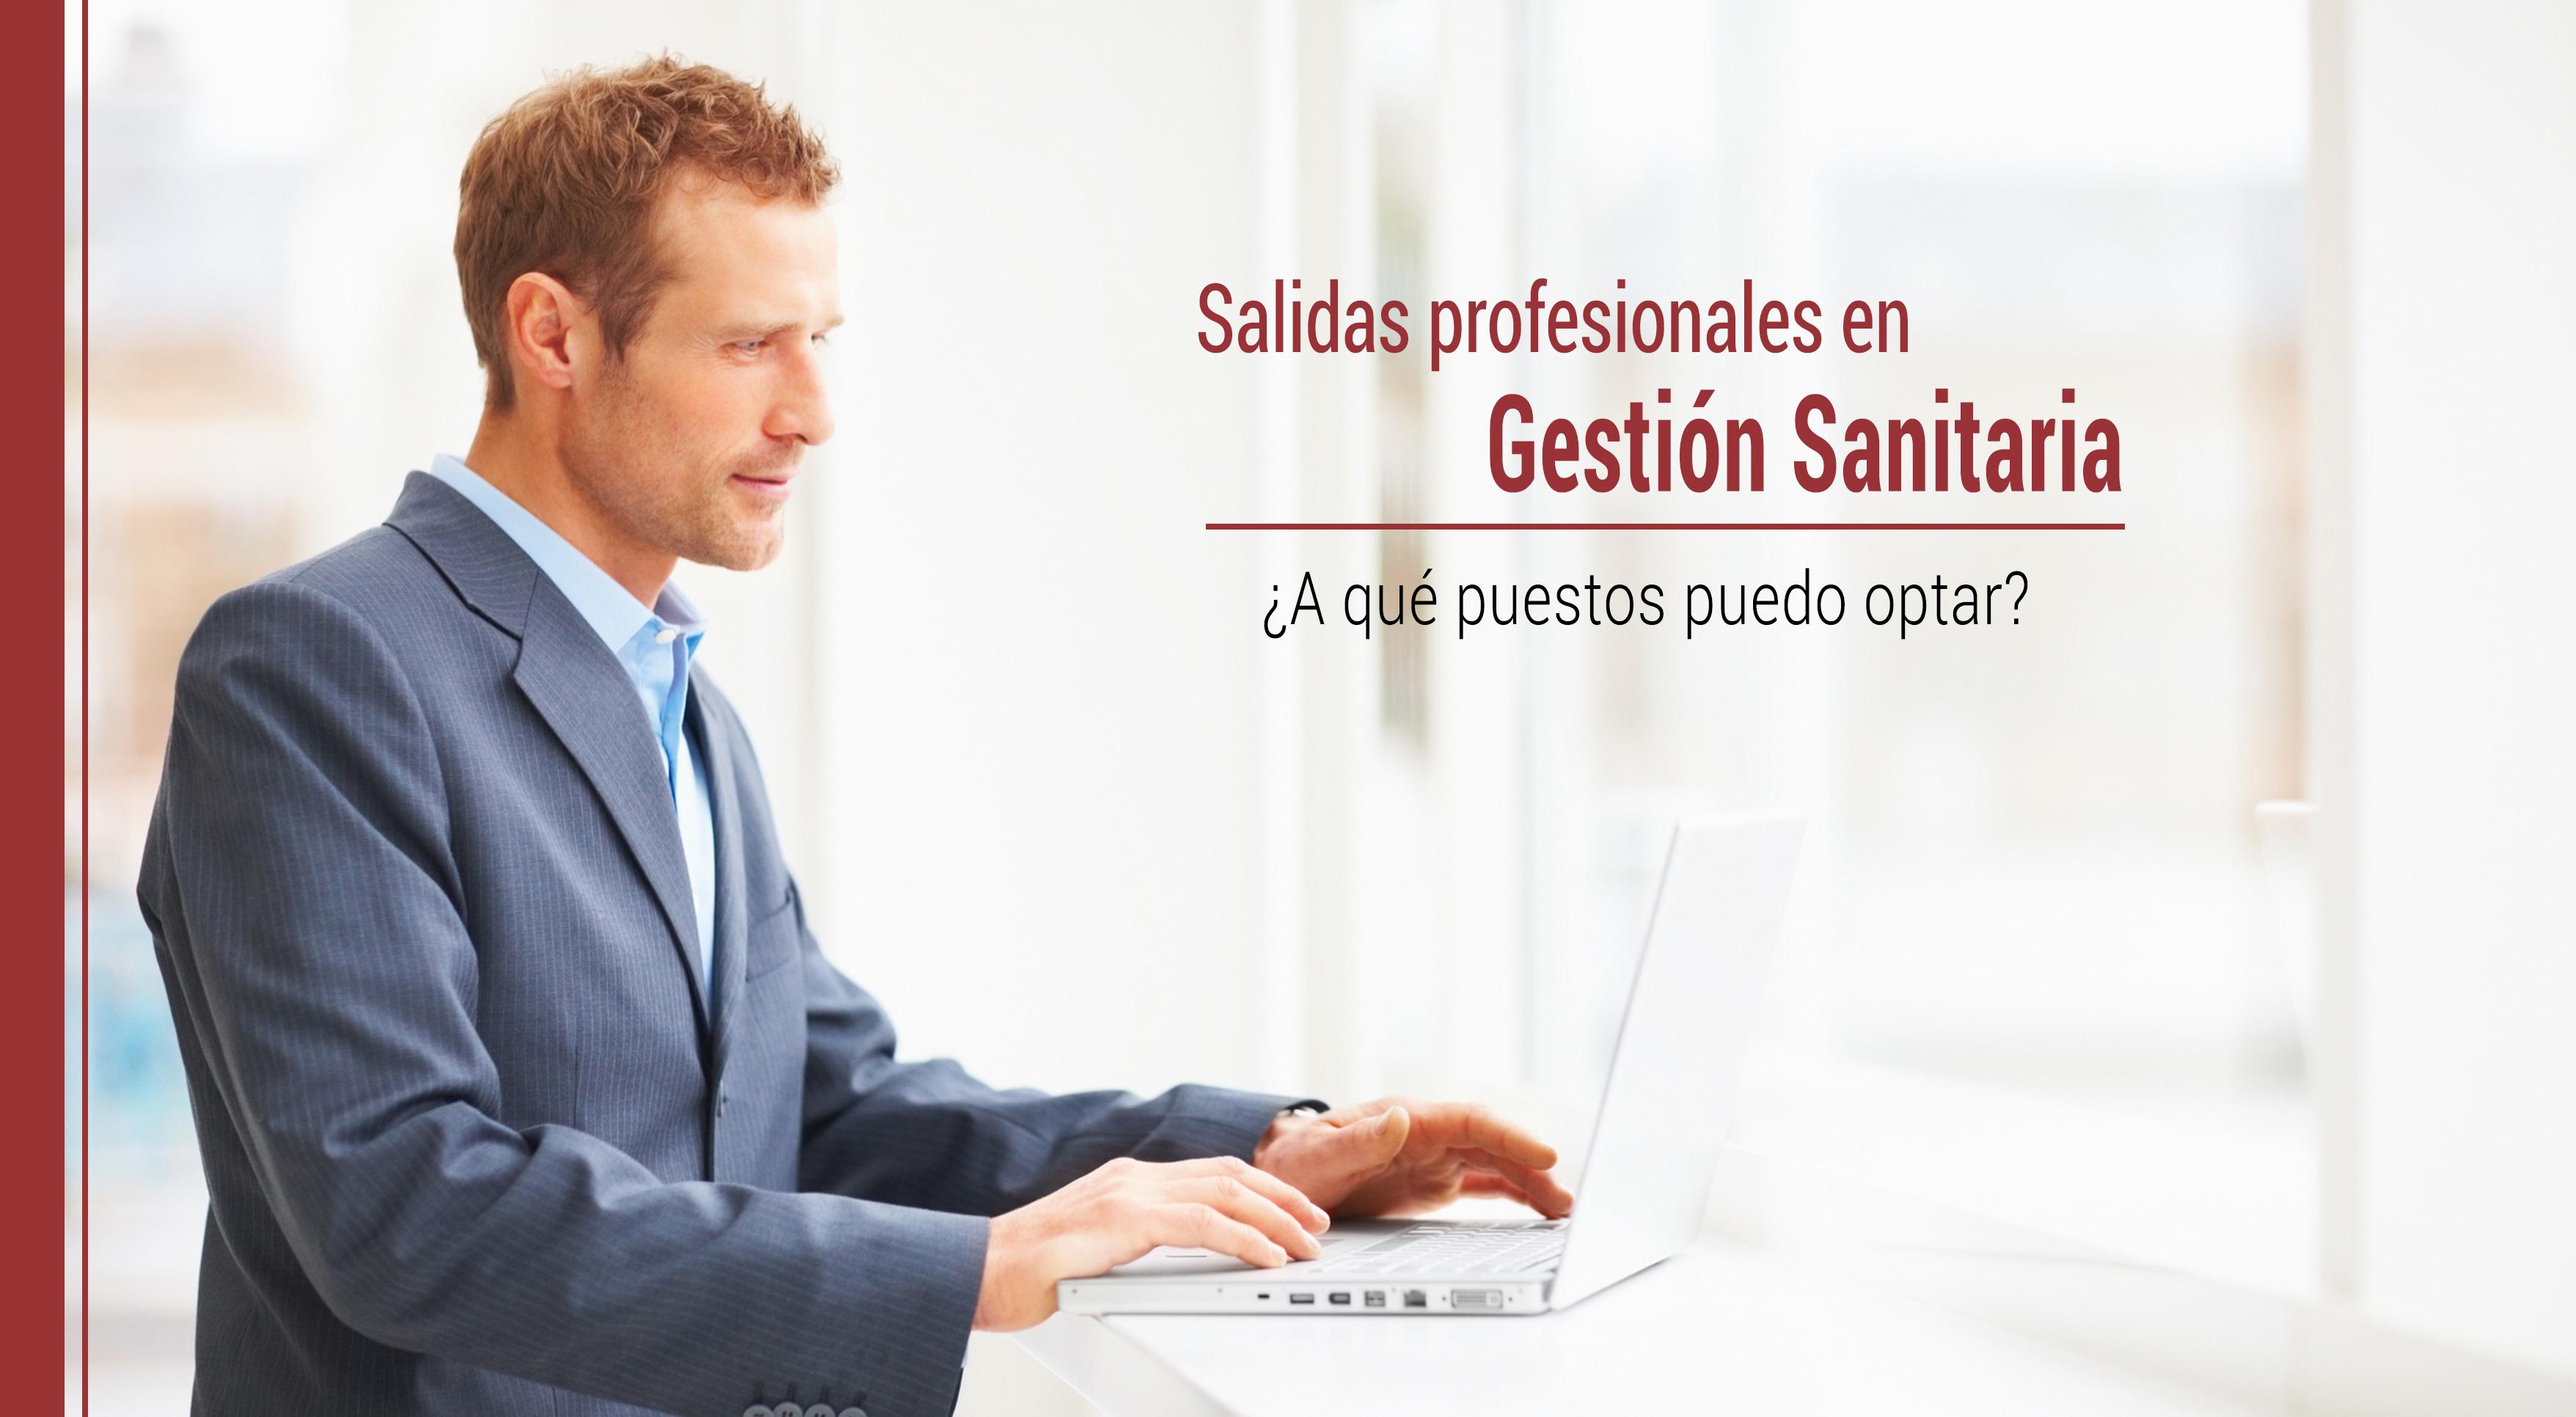 salidas-profesionales-gestion-sanitaria Salidas profesionales después de estudiar Gestión Sanitaria